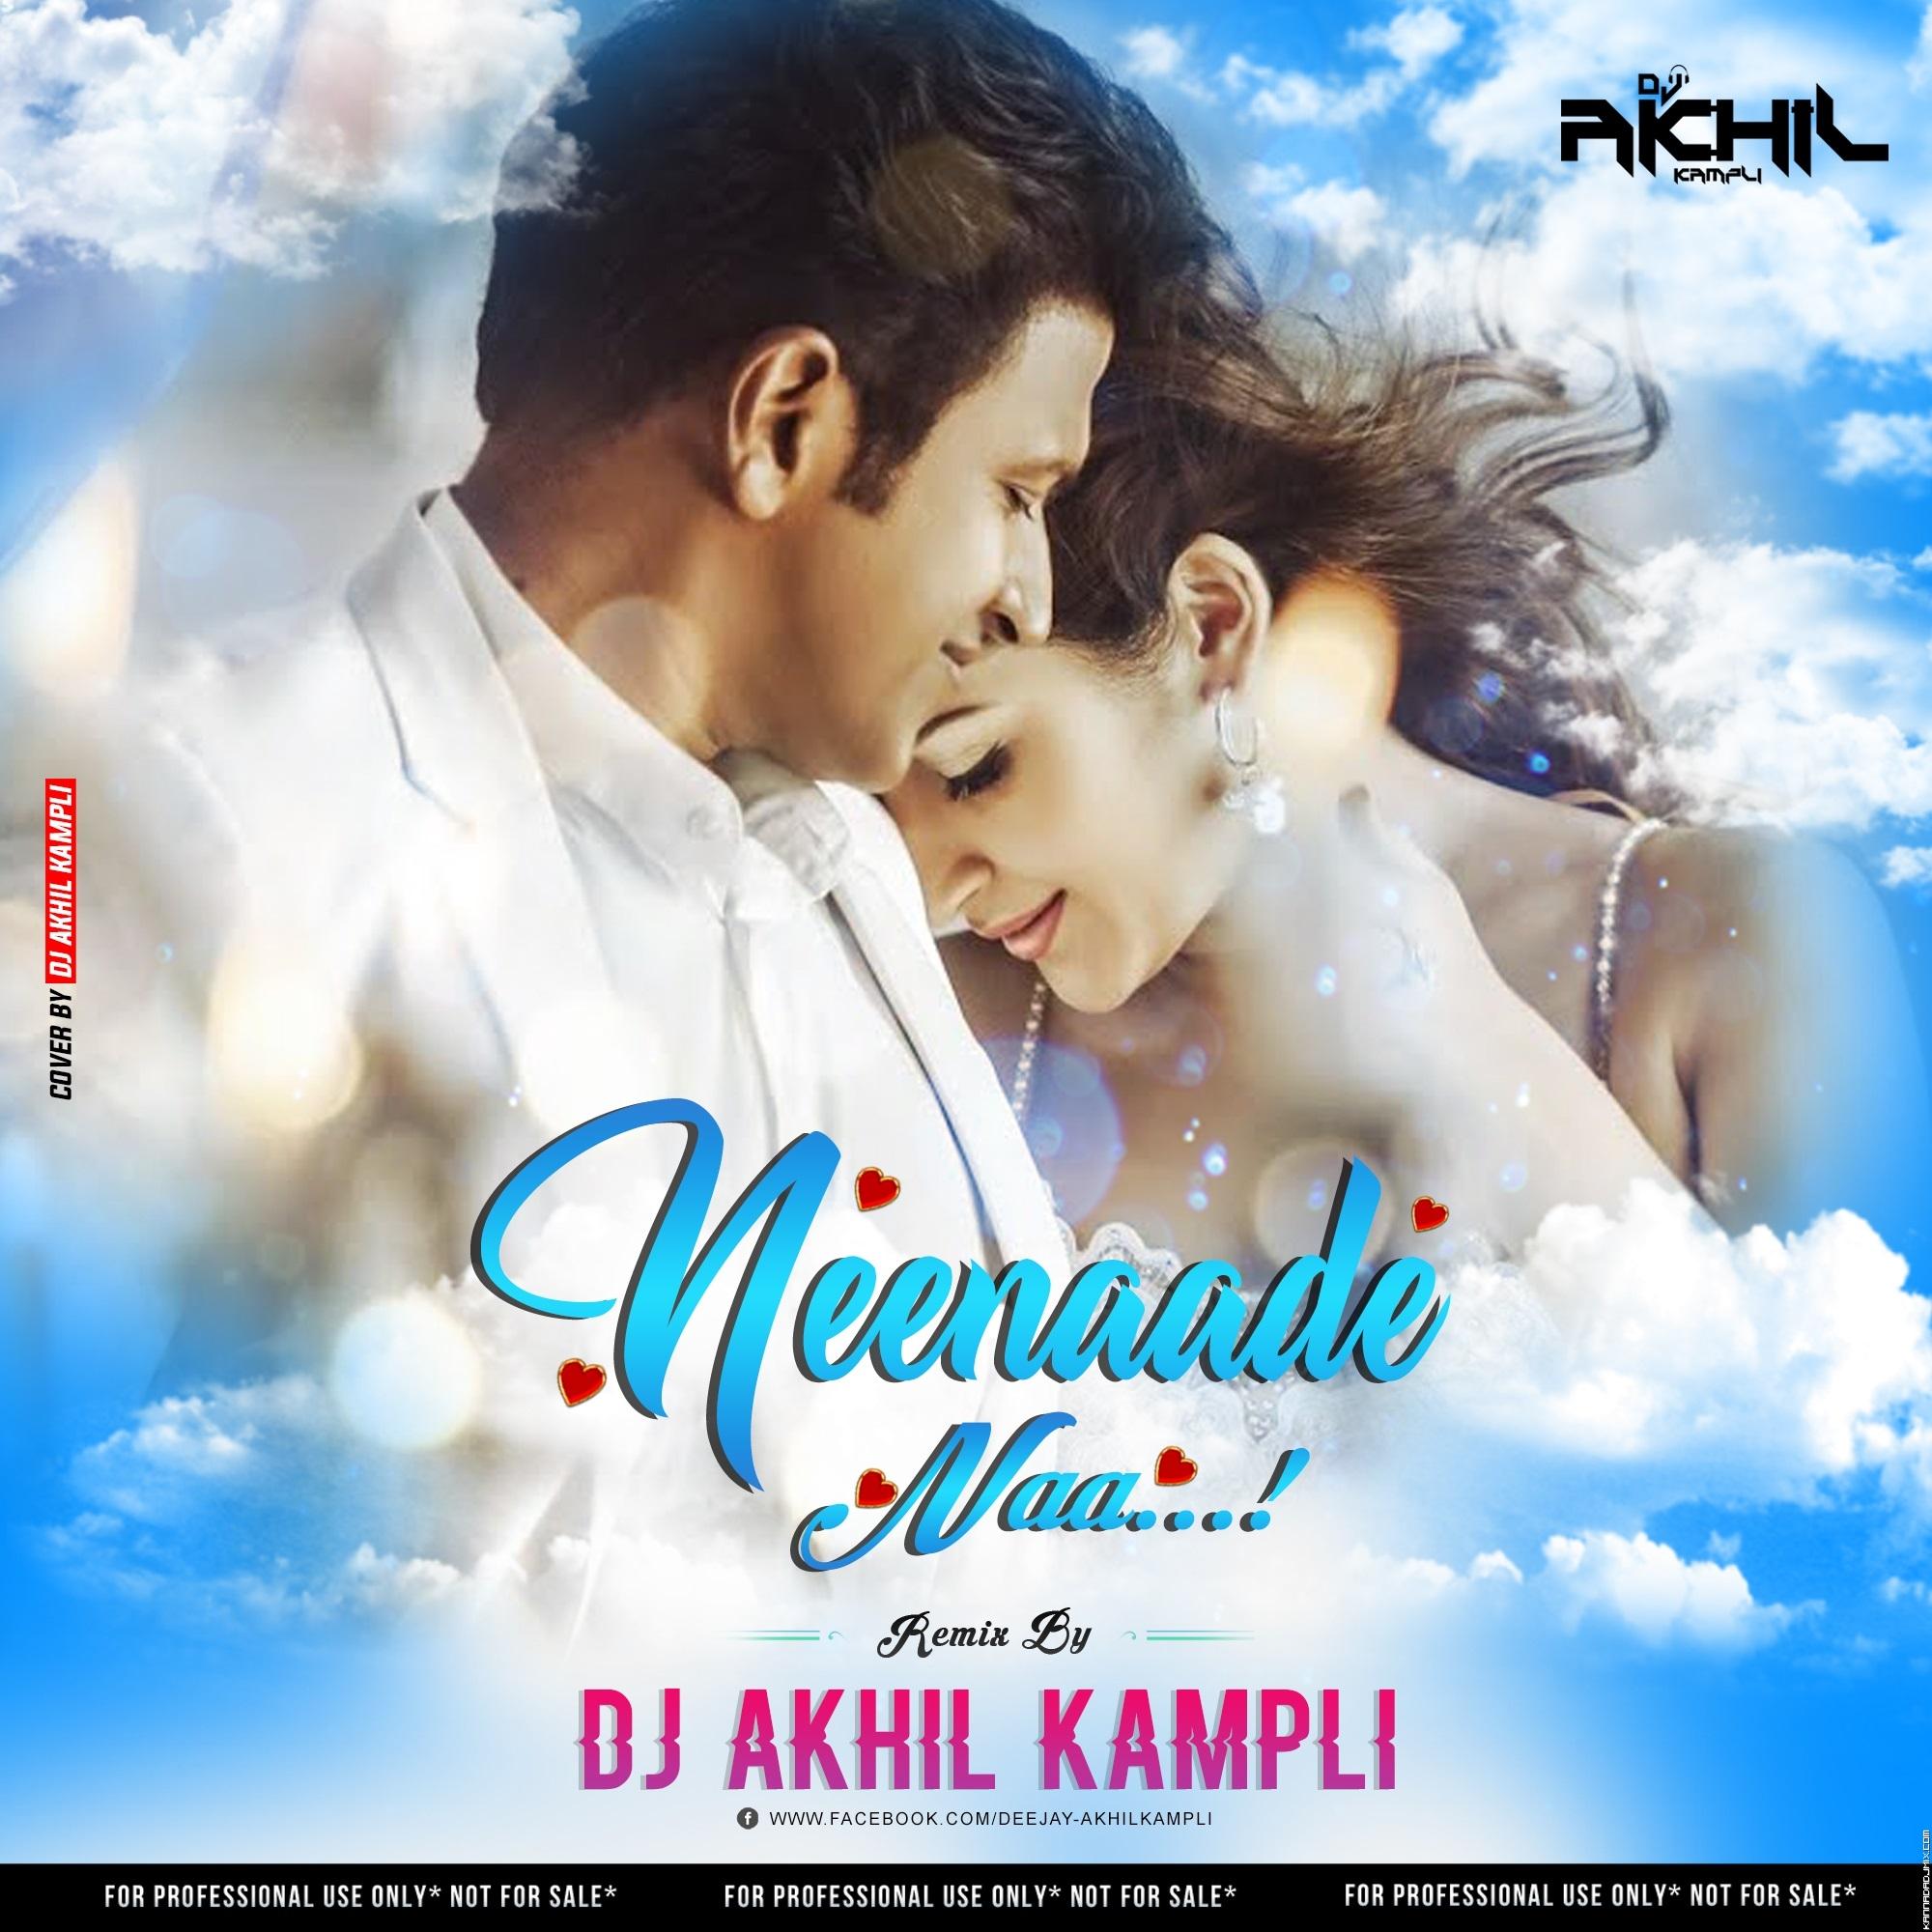 Neenaade-Naa-Remix-Dj-Akhil-Kampli.mp3